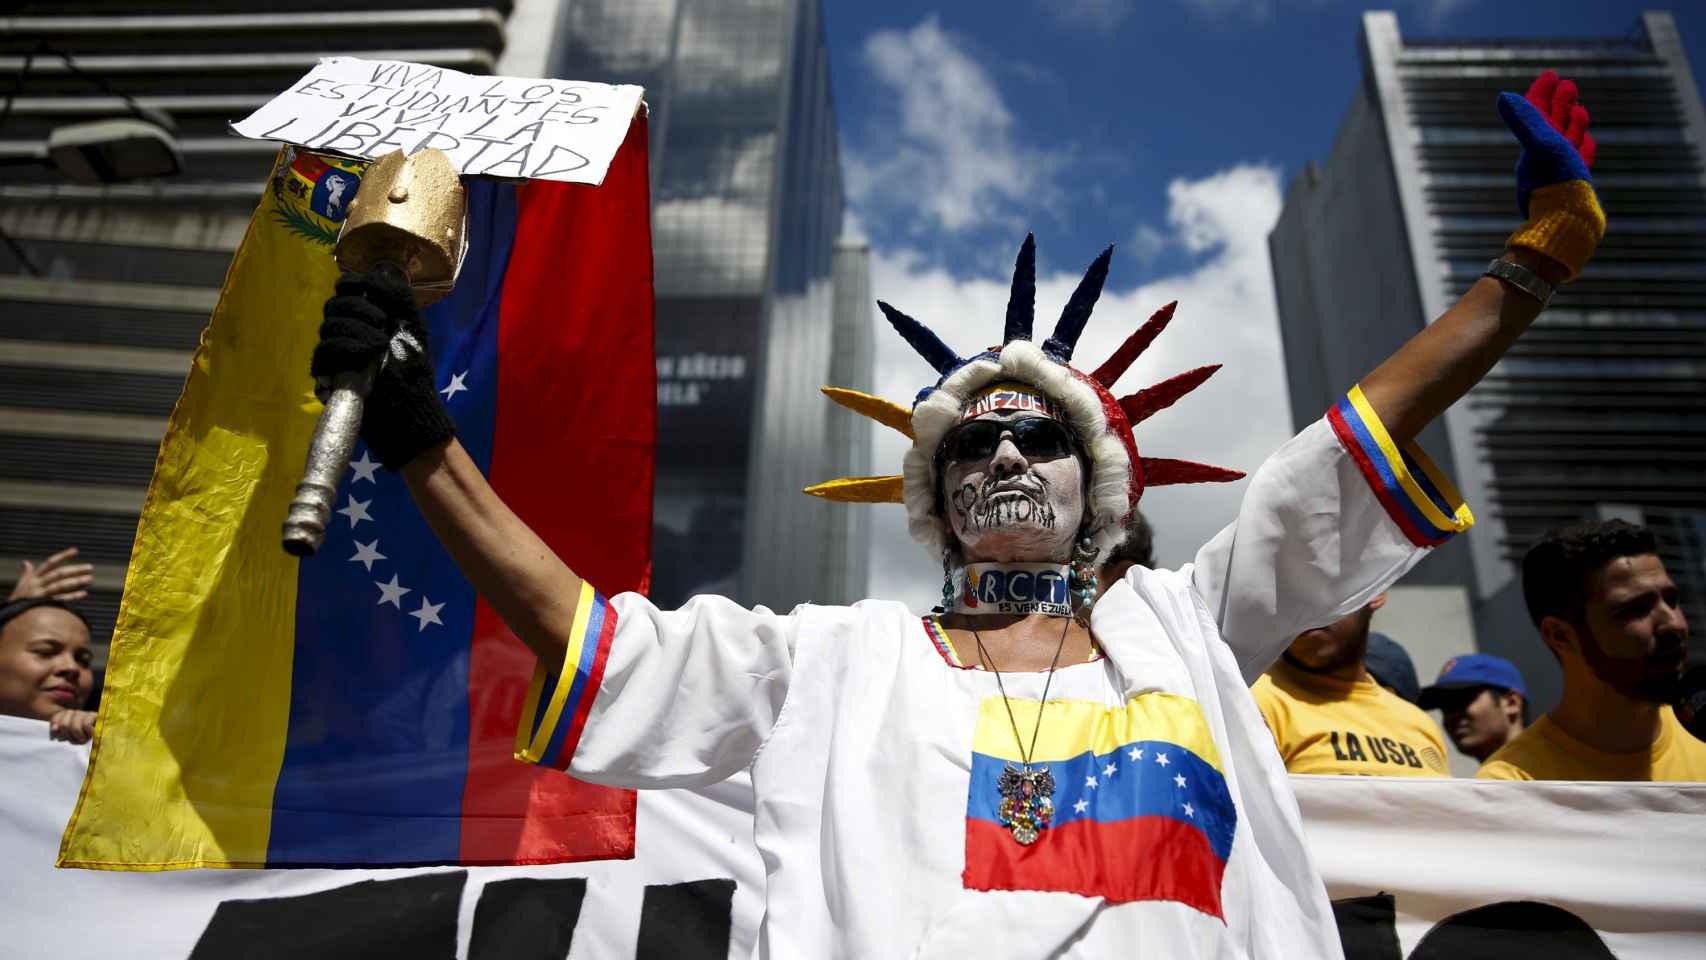 La oposición venezolana se manifiesta de cara a las elecciones del 6 de diciembre.